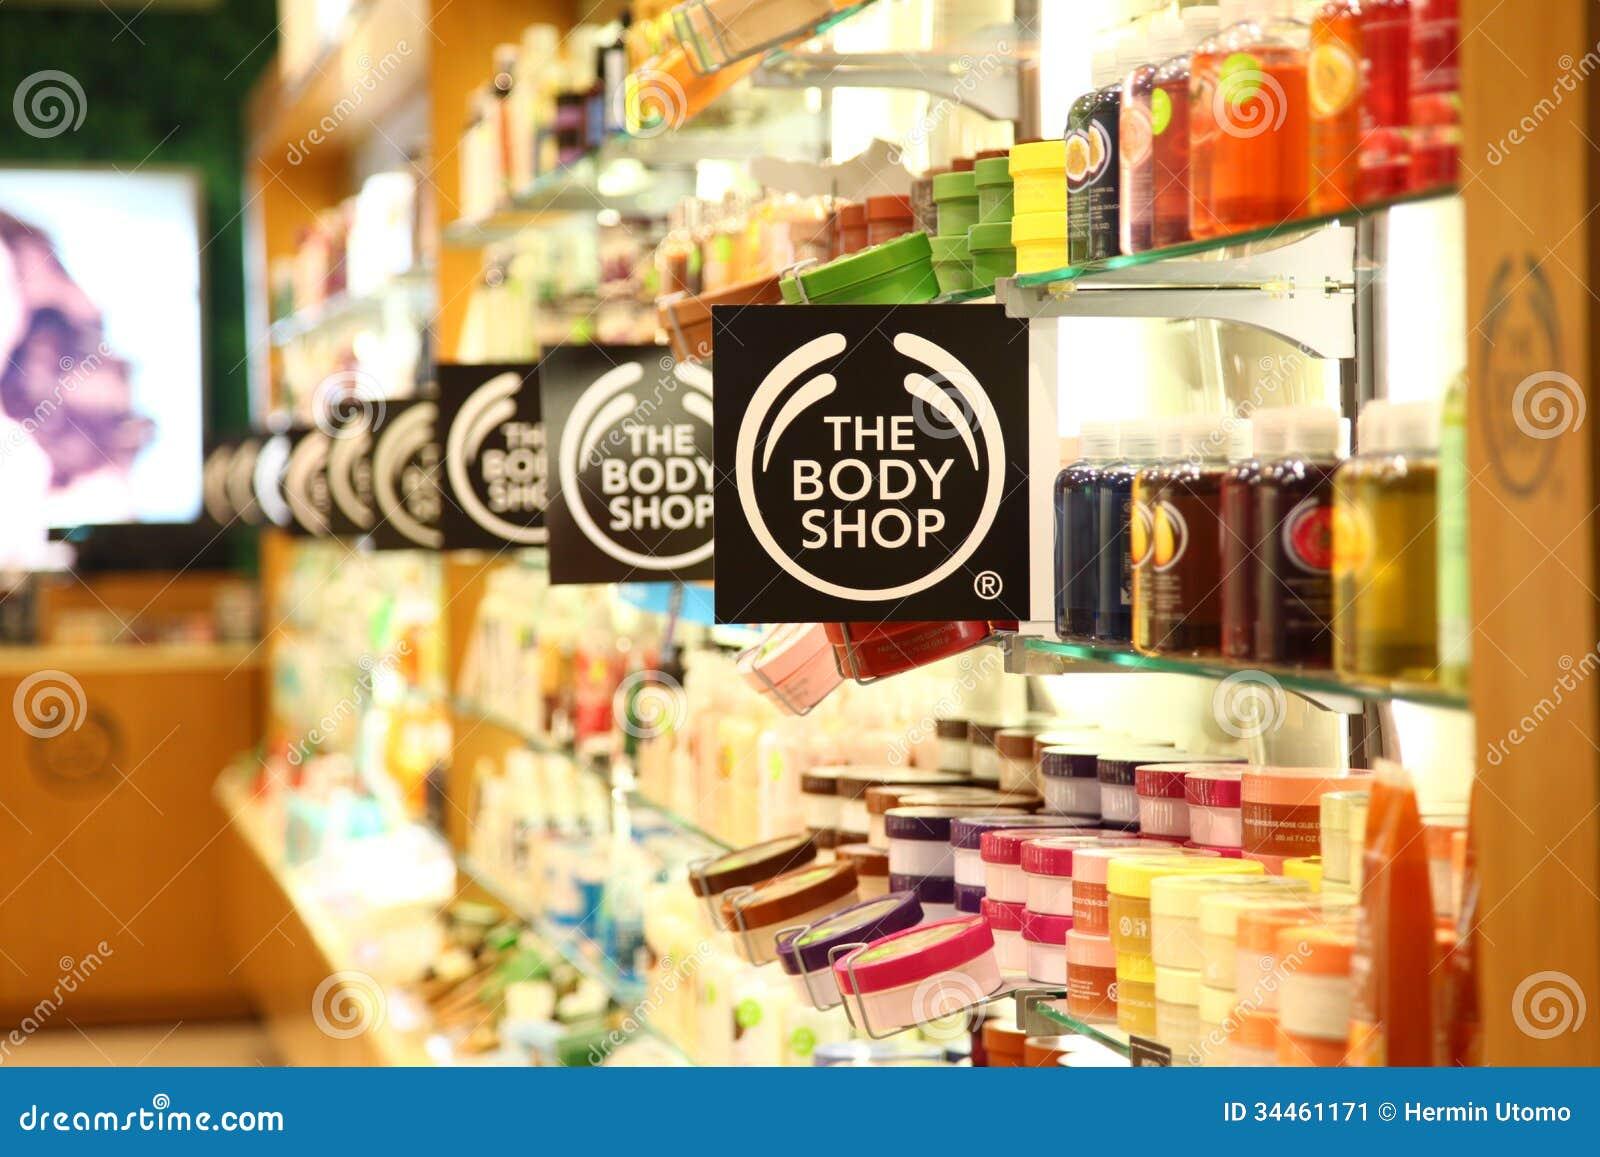 The Body Shop In Cilandak Town Square Jakarta Editorial Photo